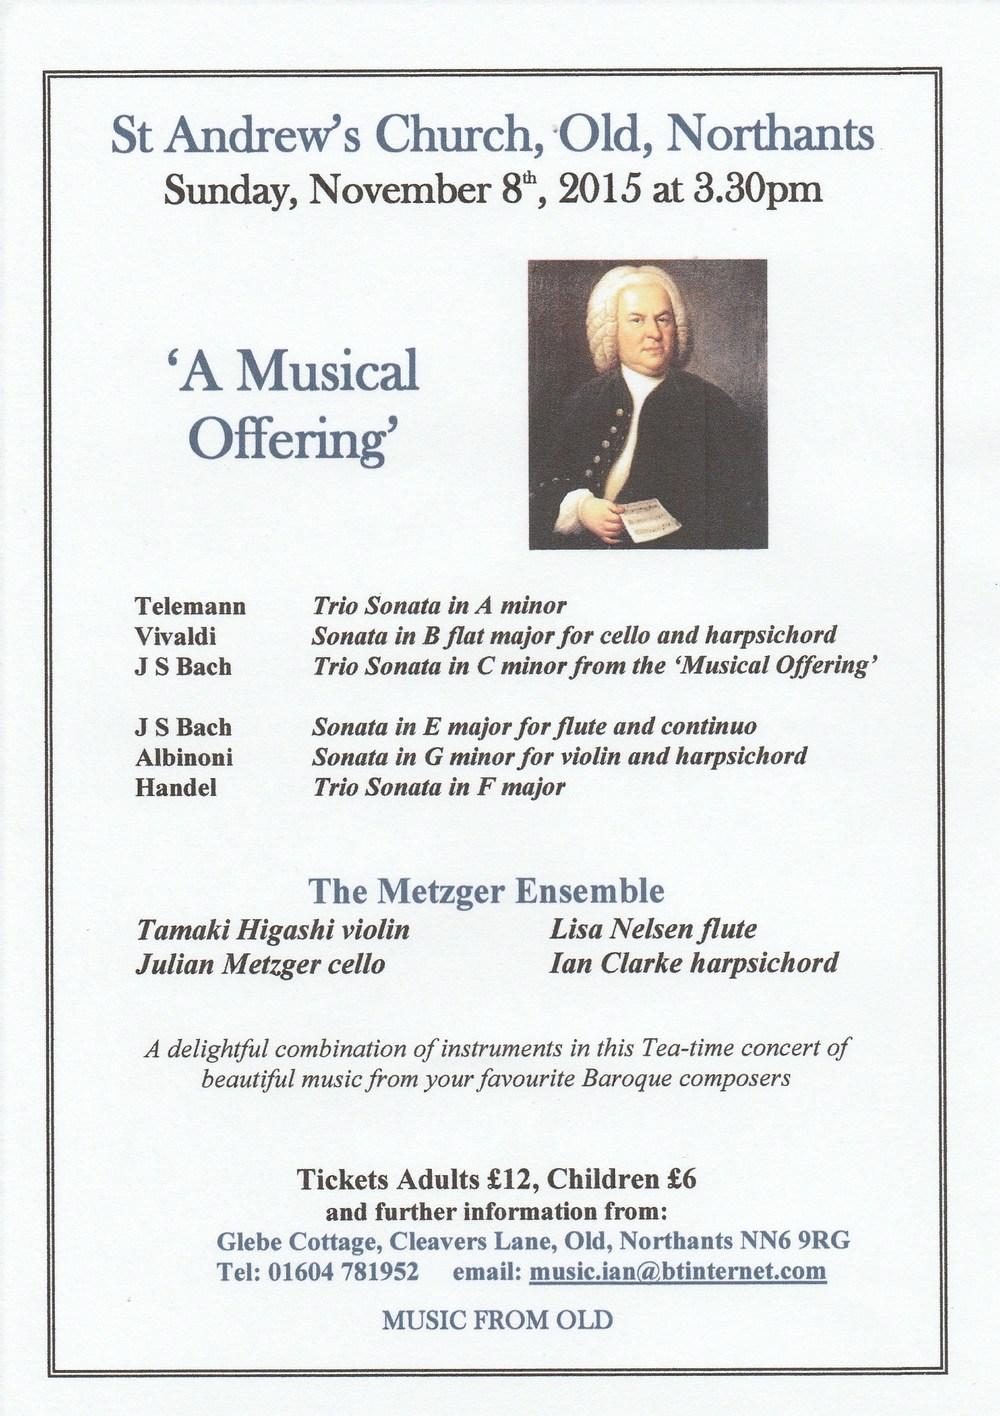 musical_offering.jpg